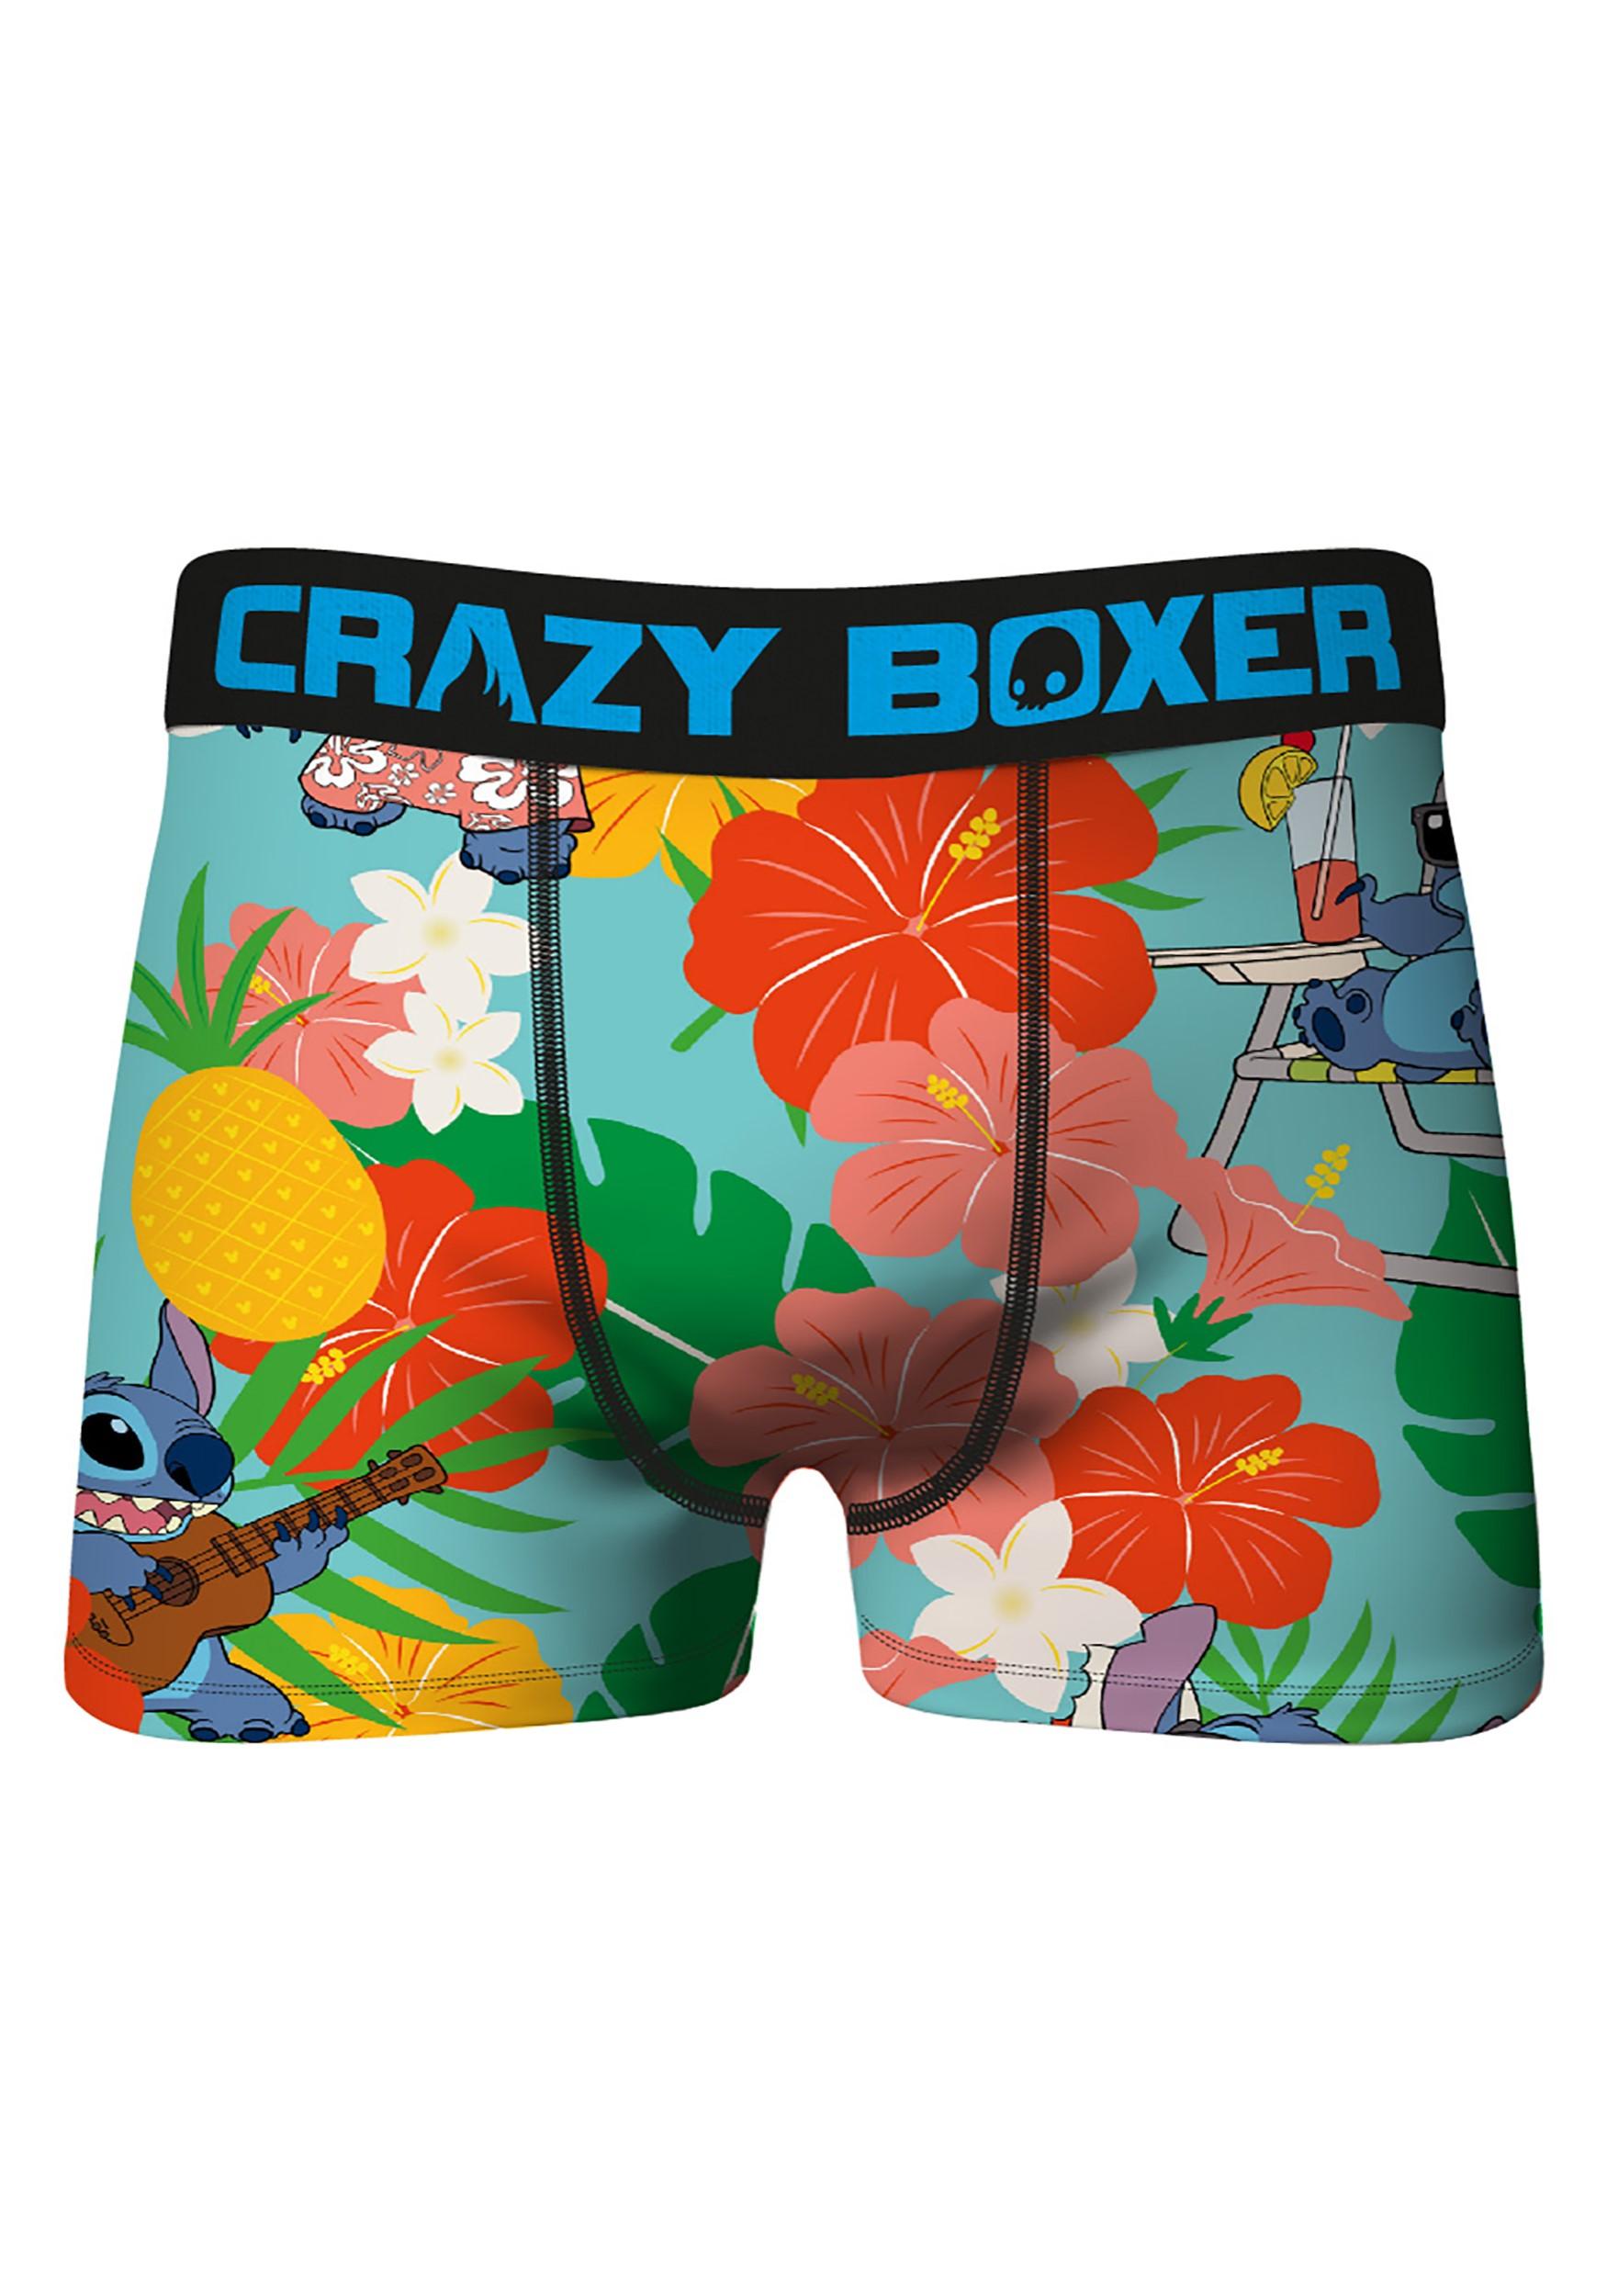 Crazy Boxers Mens Floral Stitch Print Boxer Brief